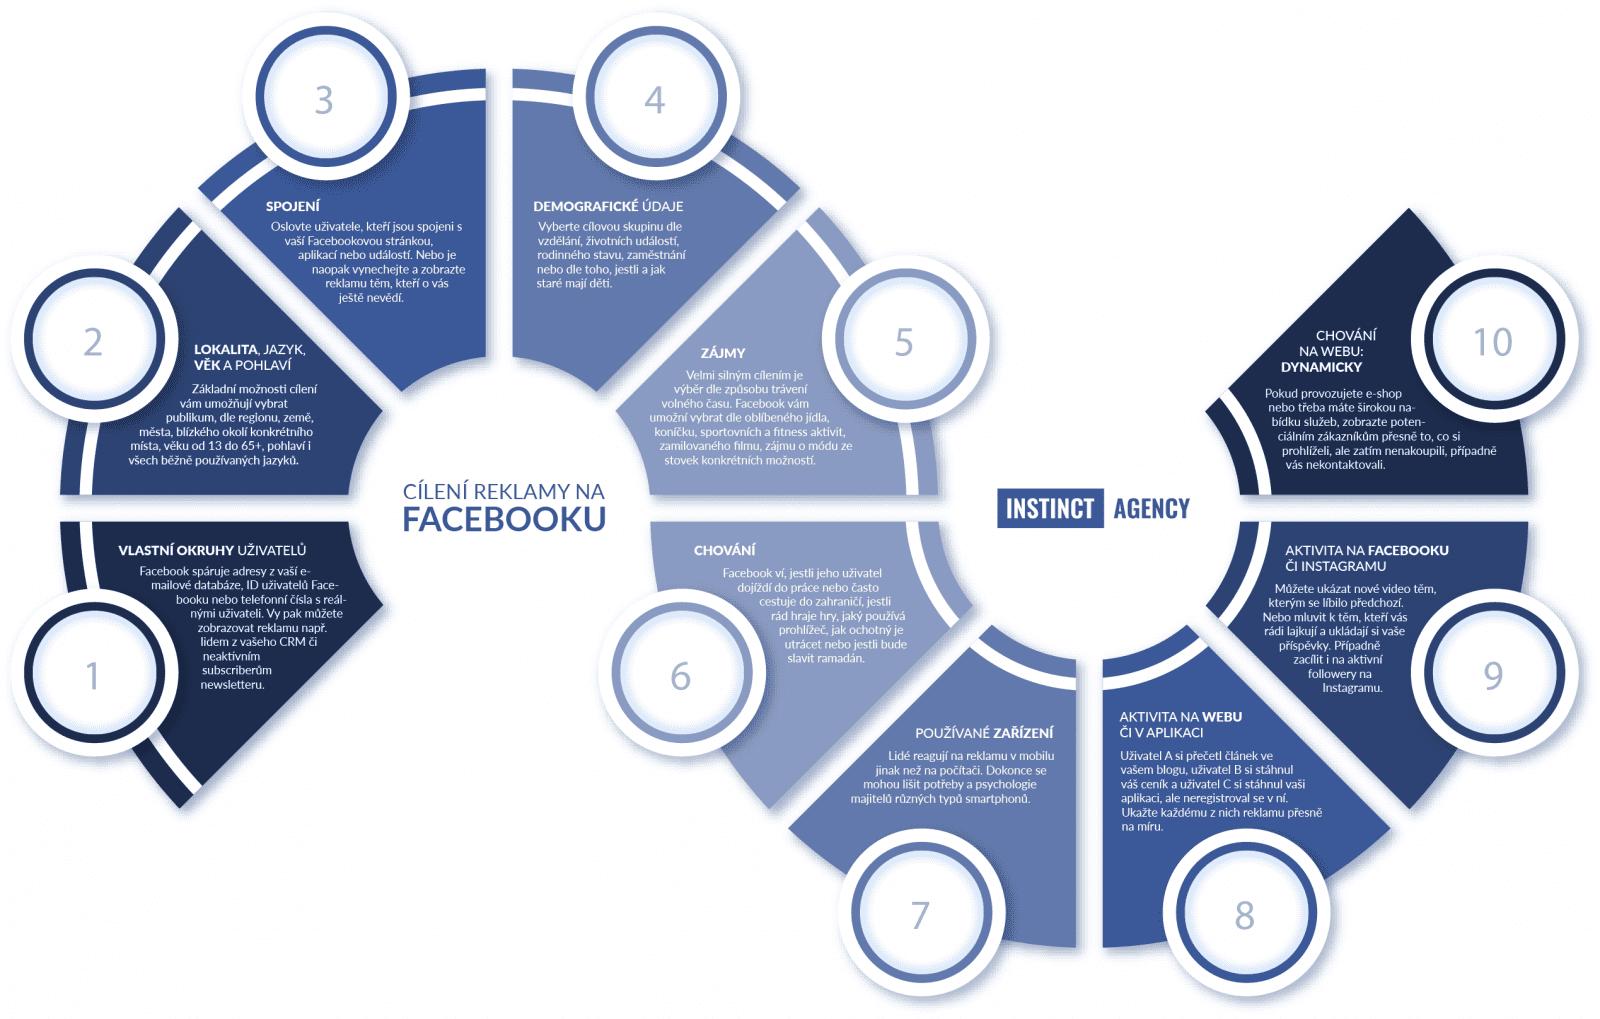 Cílení reklamy na Facebooku. CC BY-ND 4.0